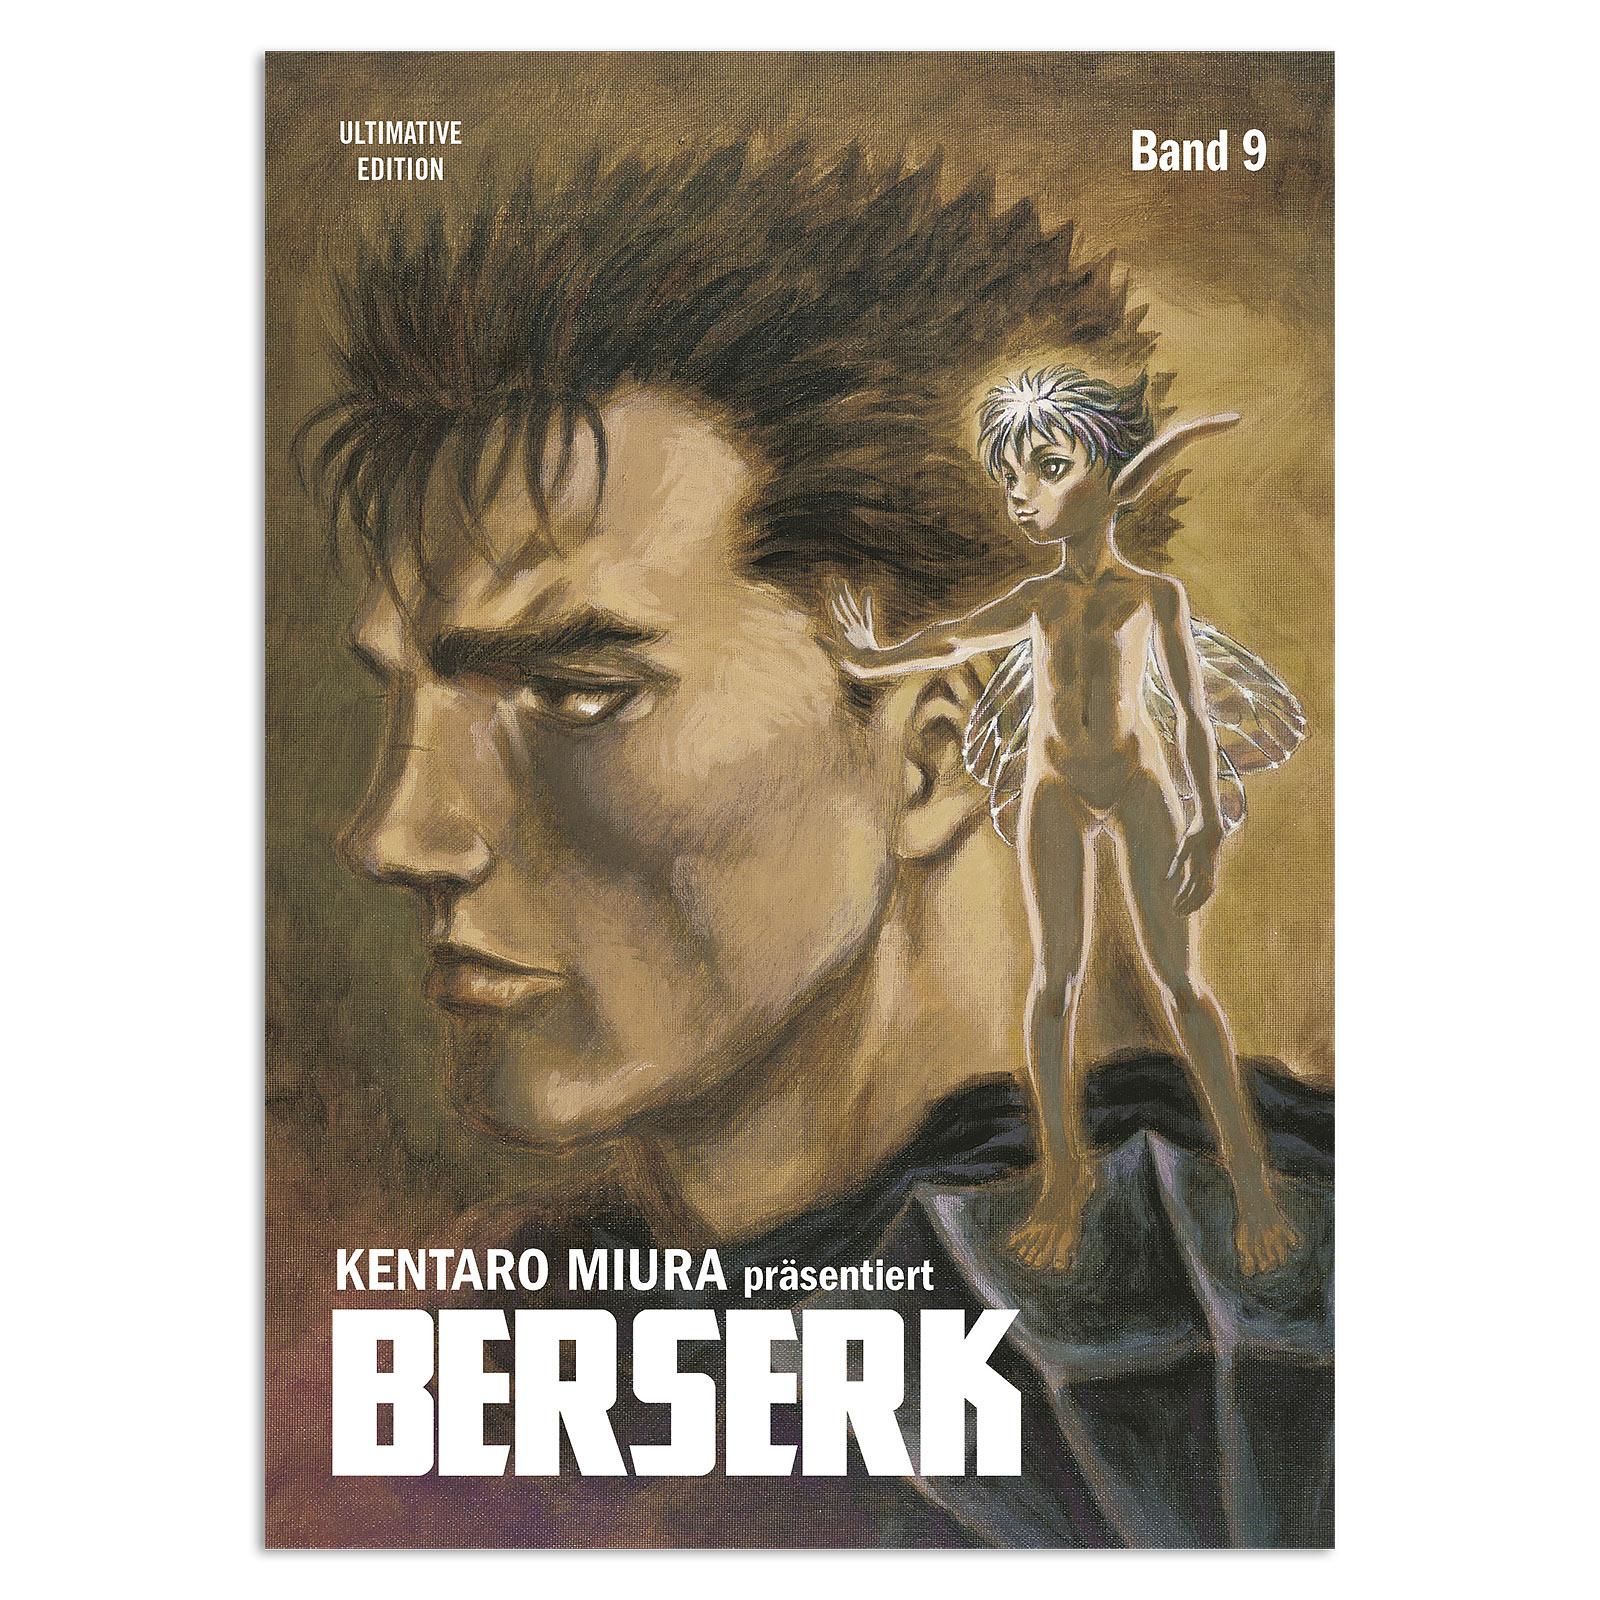 Berserk - Band 9 Taschenbuch Ultimate Edition